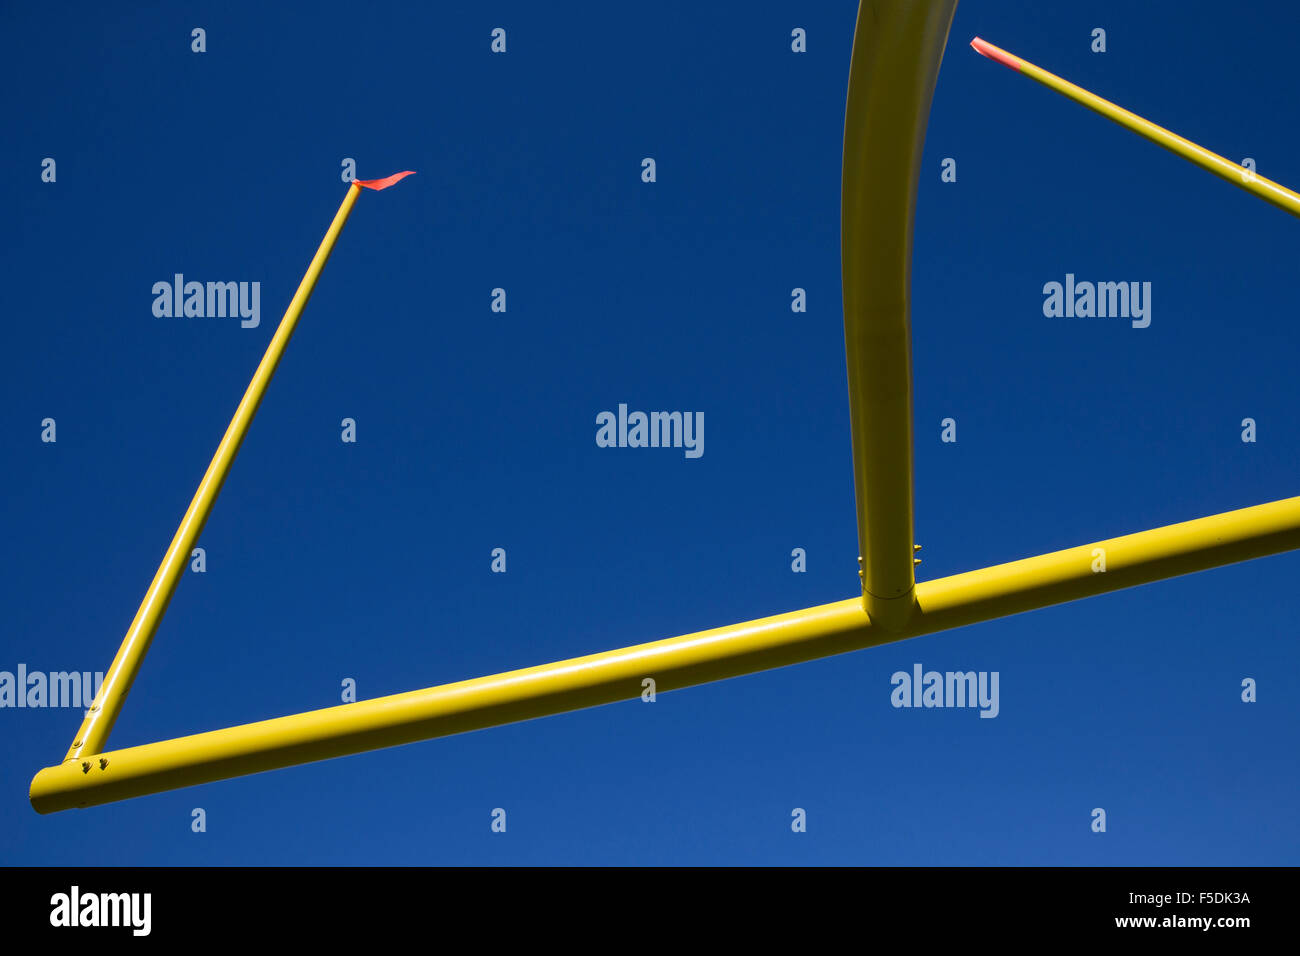 American Football obiettivo post Immagini Stock